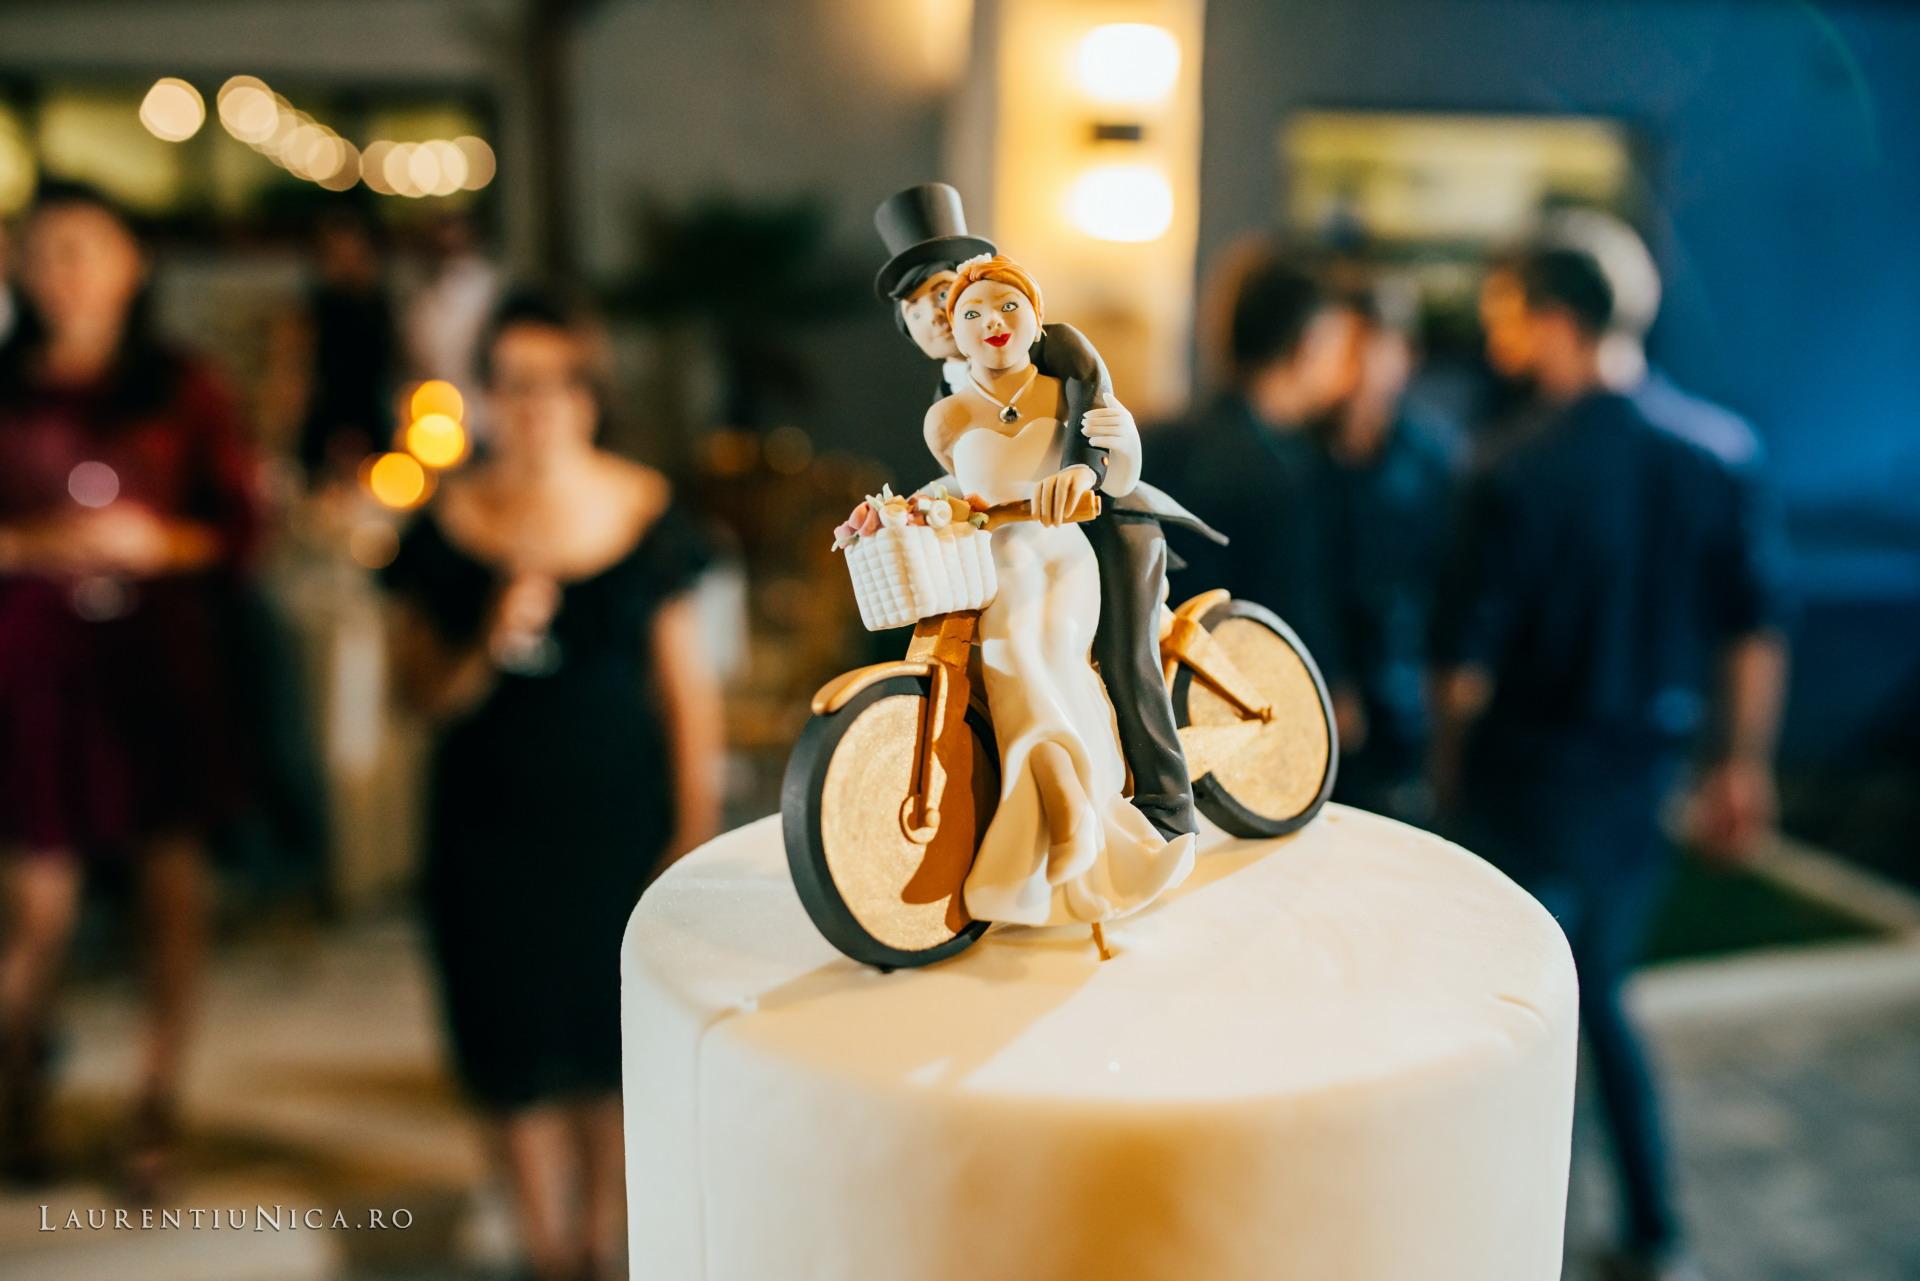 carolina si sorin craiova fotograf nunta laurentiu nica79 - Carolina & Sorin | Fotografii nunta